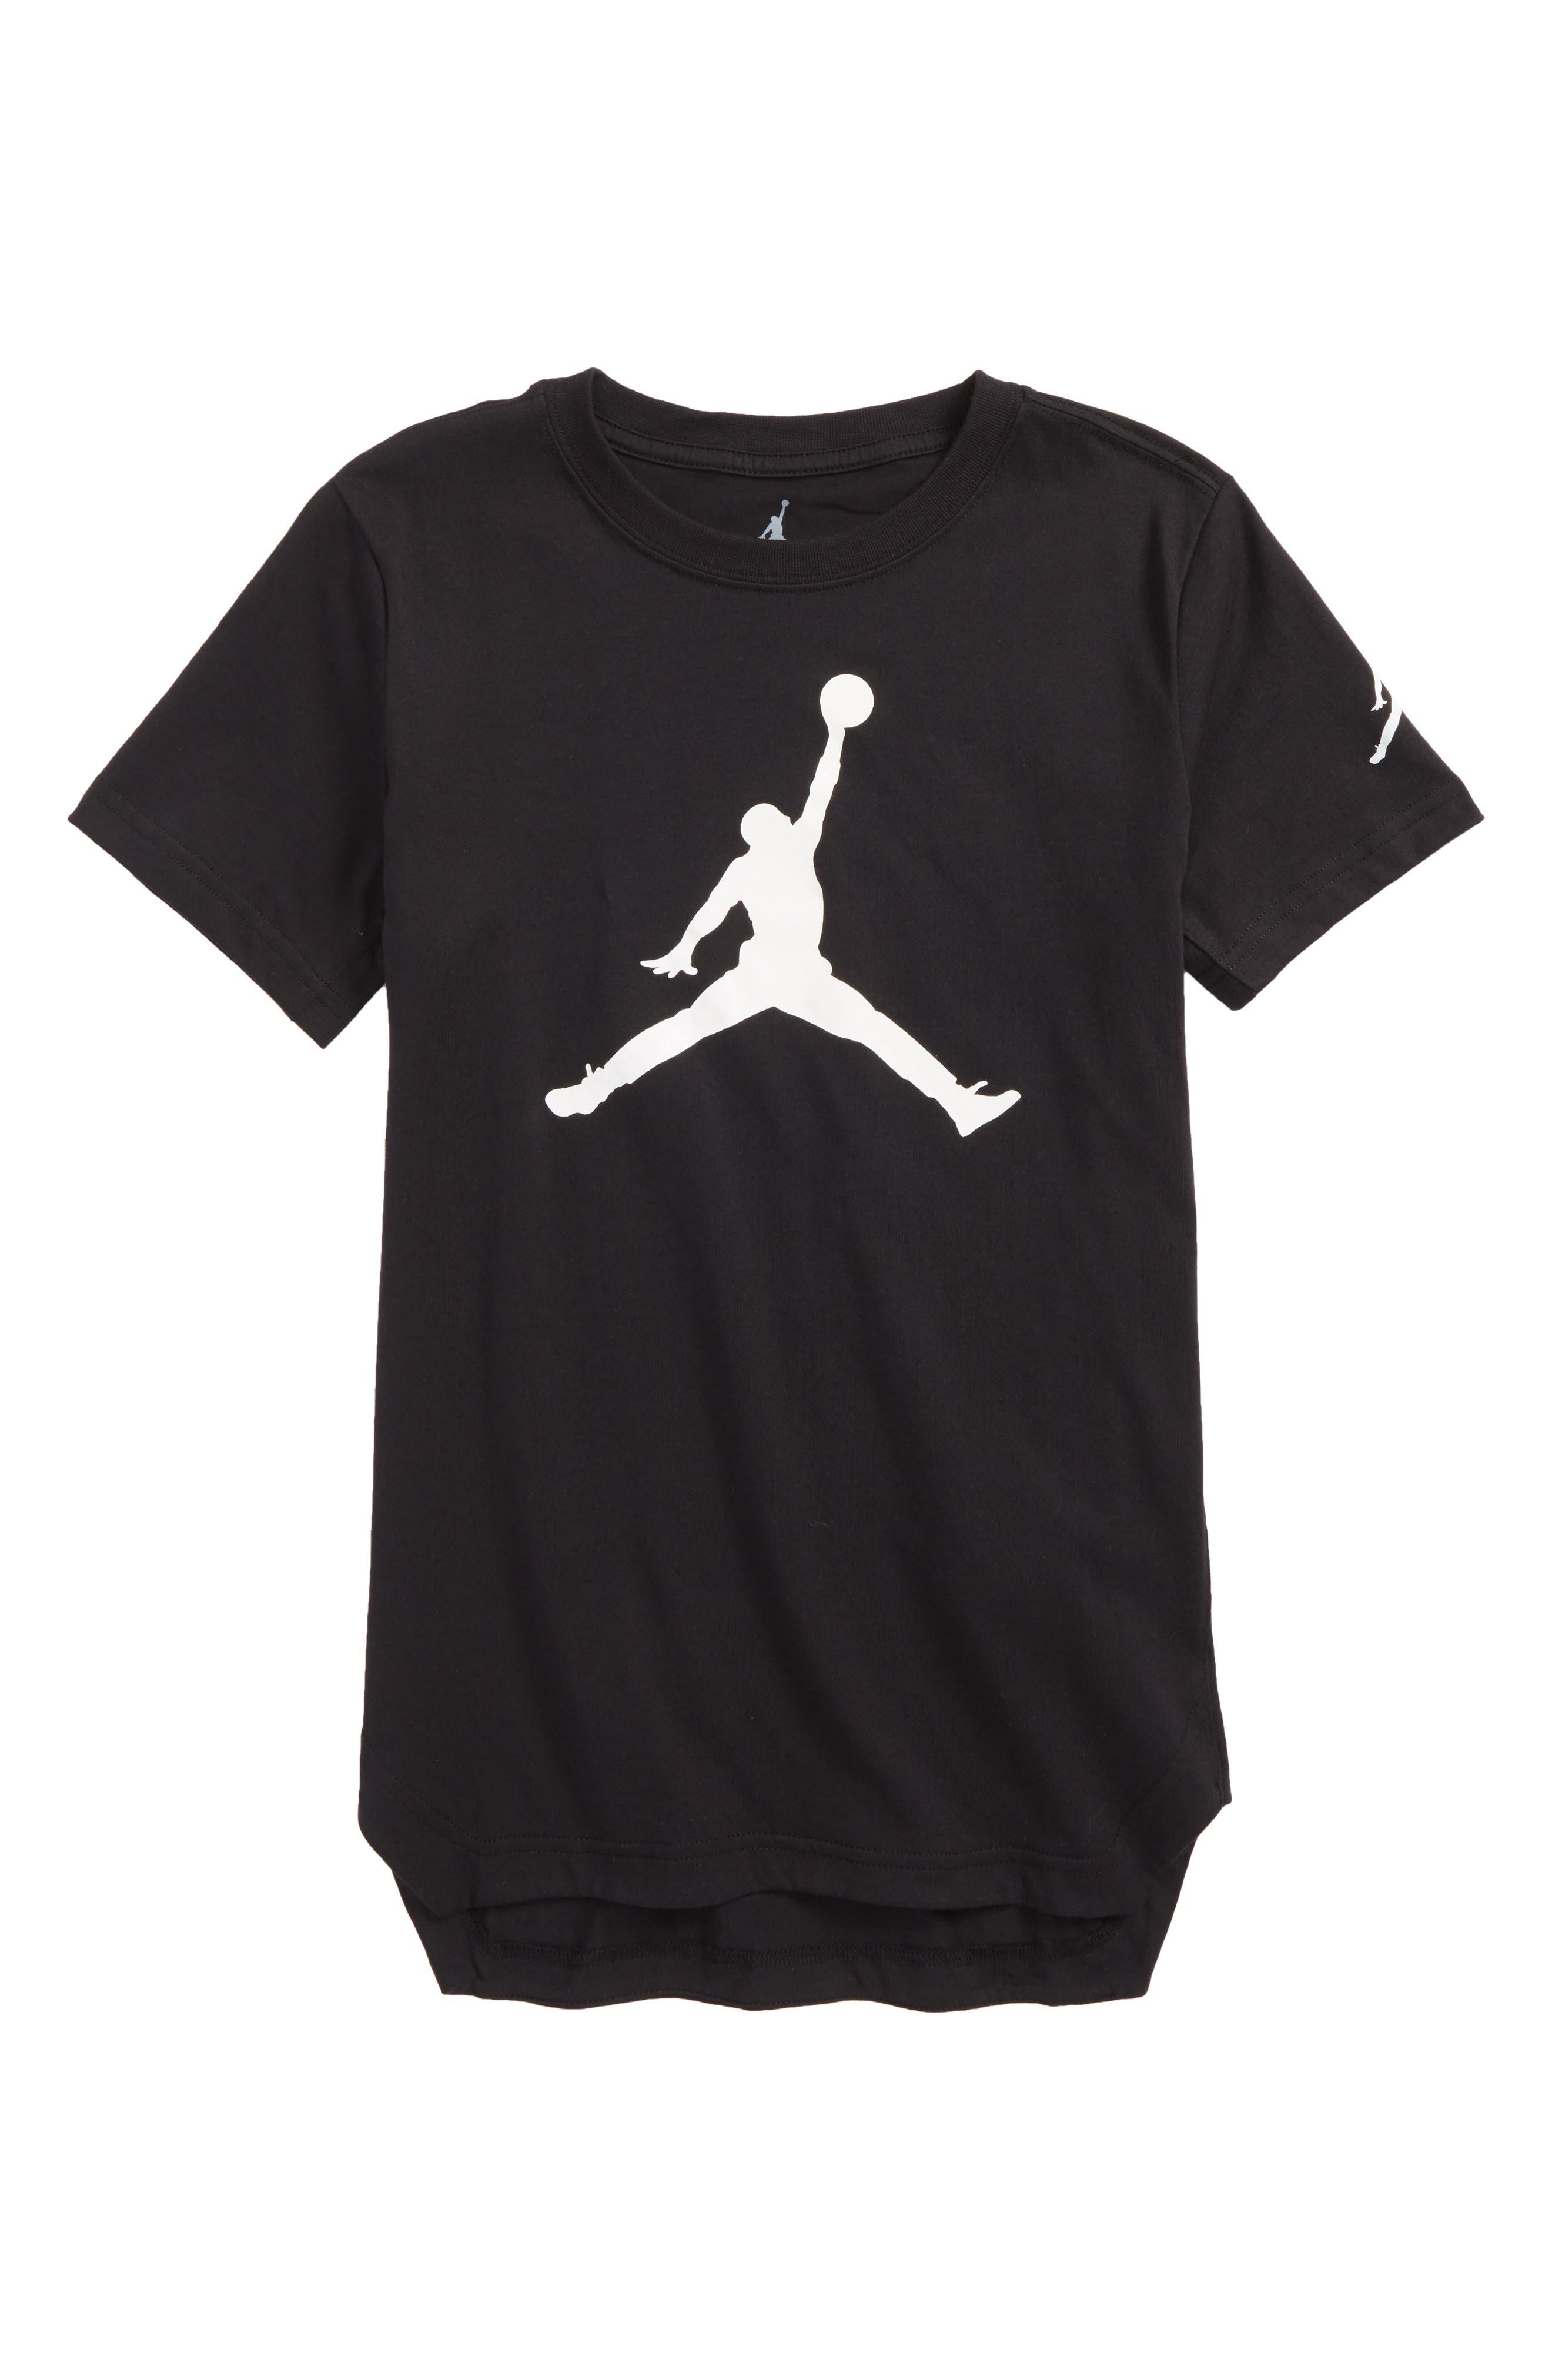 Jordan Jumpman Brand T-Shirt,                             Main thumbnail 1, color,                             004